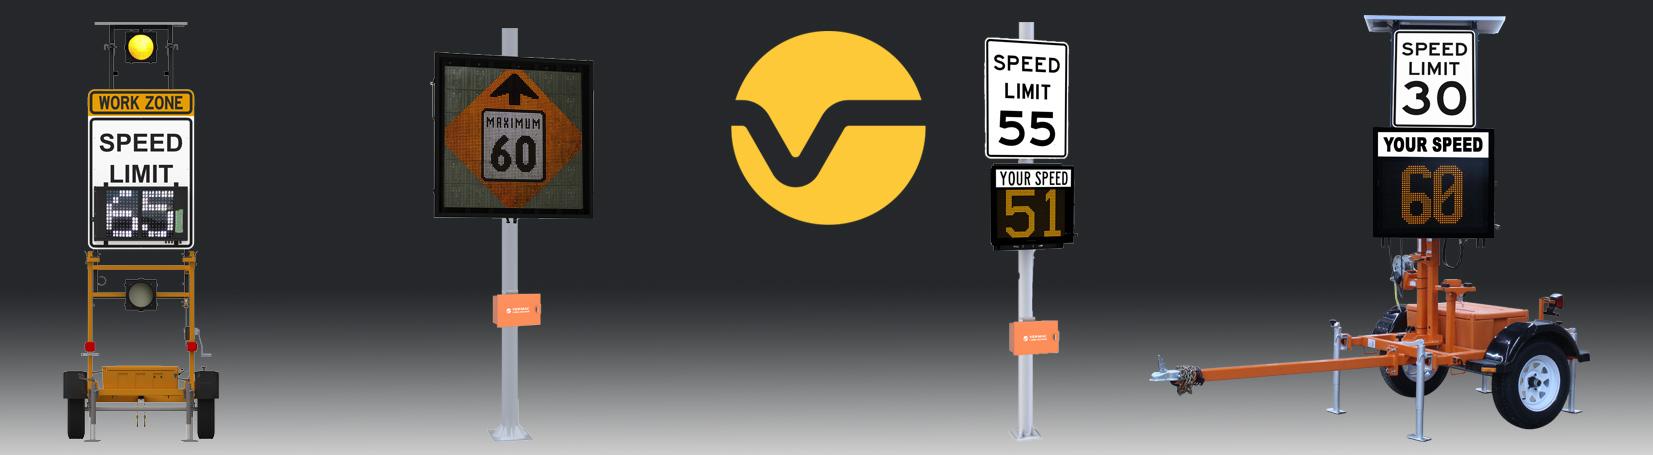 Mobile Speed Display Trailers Amp Radar Speed Signs Ver Mac